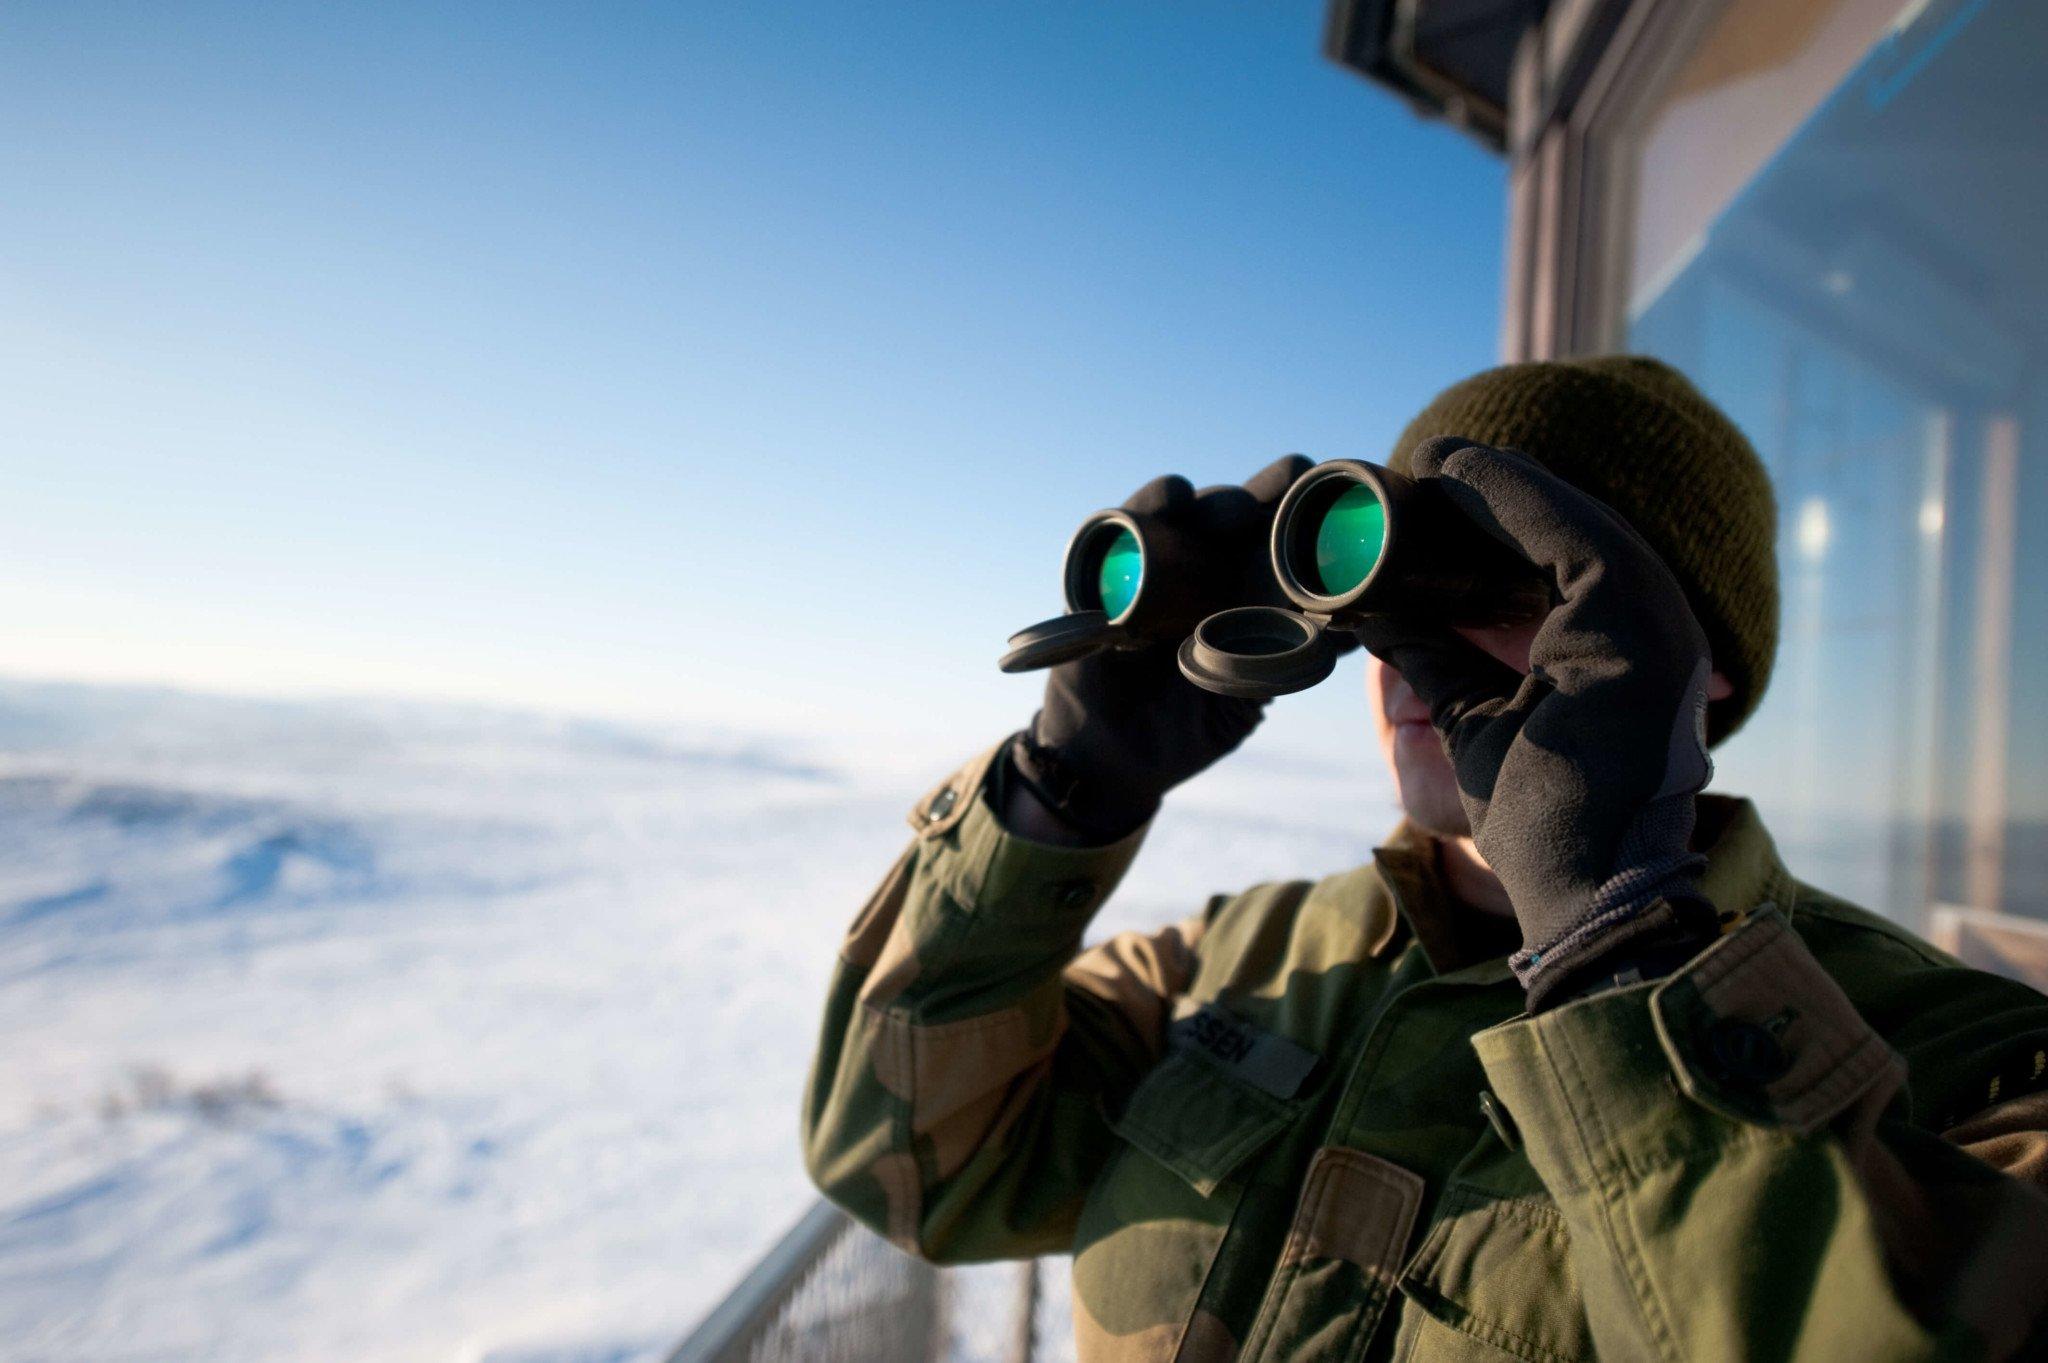 Garnisonen_i_Sør-Varanger_binoculars (1)